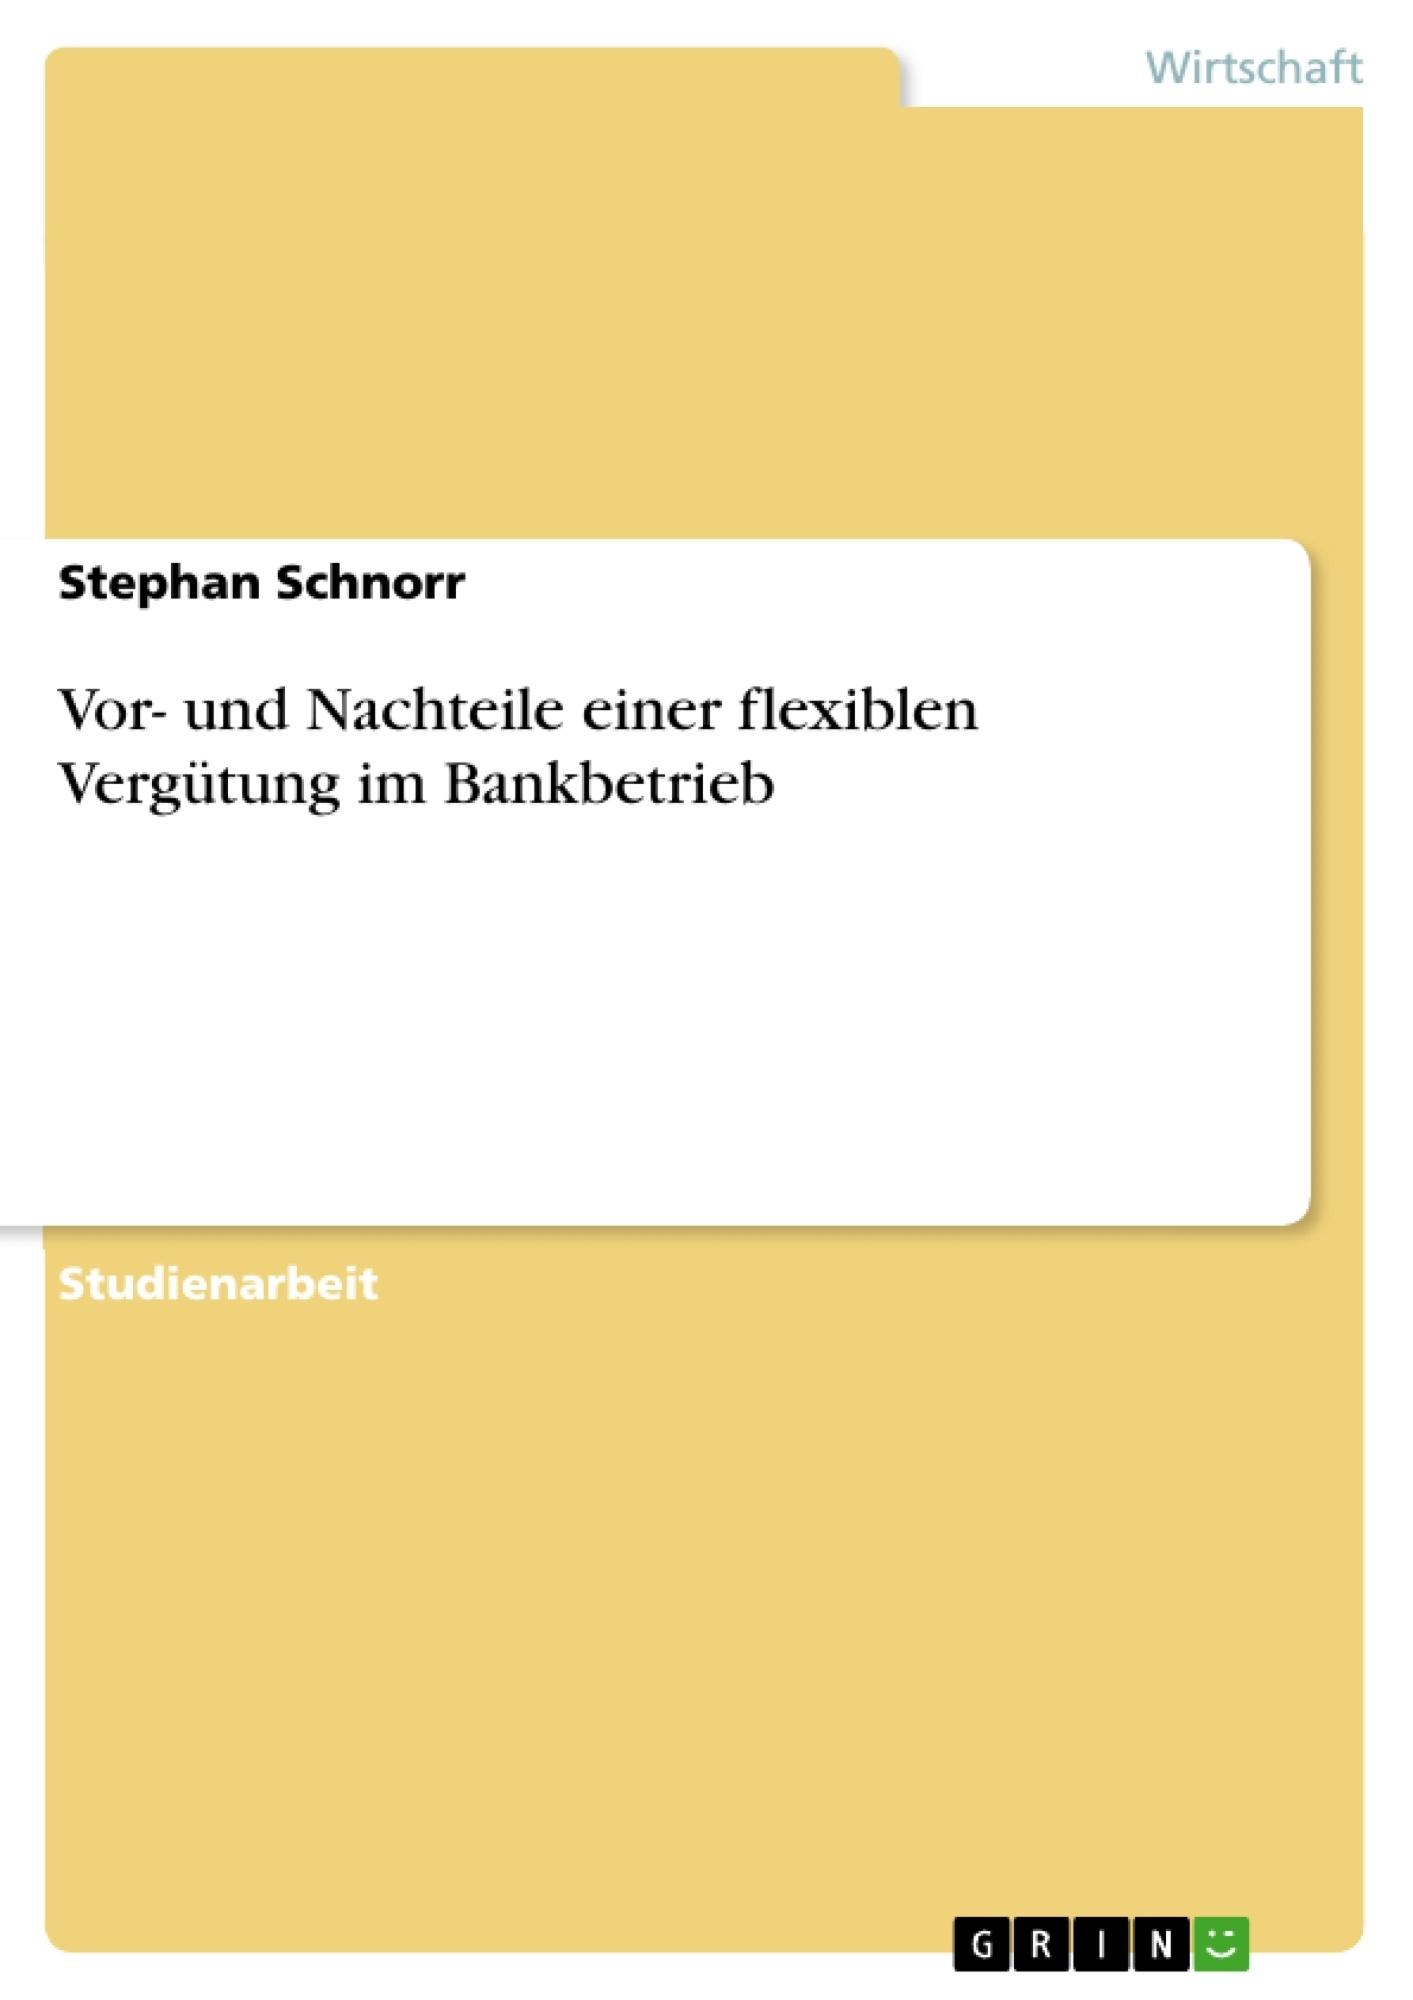 Titel: Vor- und Nachteile einer flexiblen Vergütung im Bankbetrieb